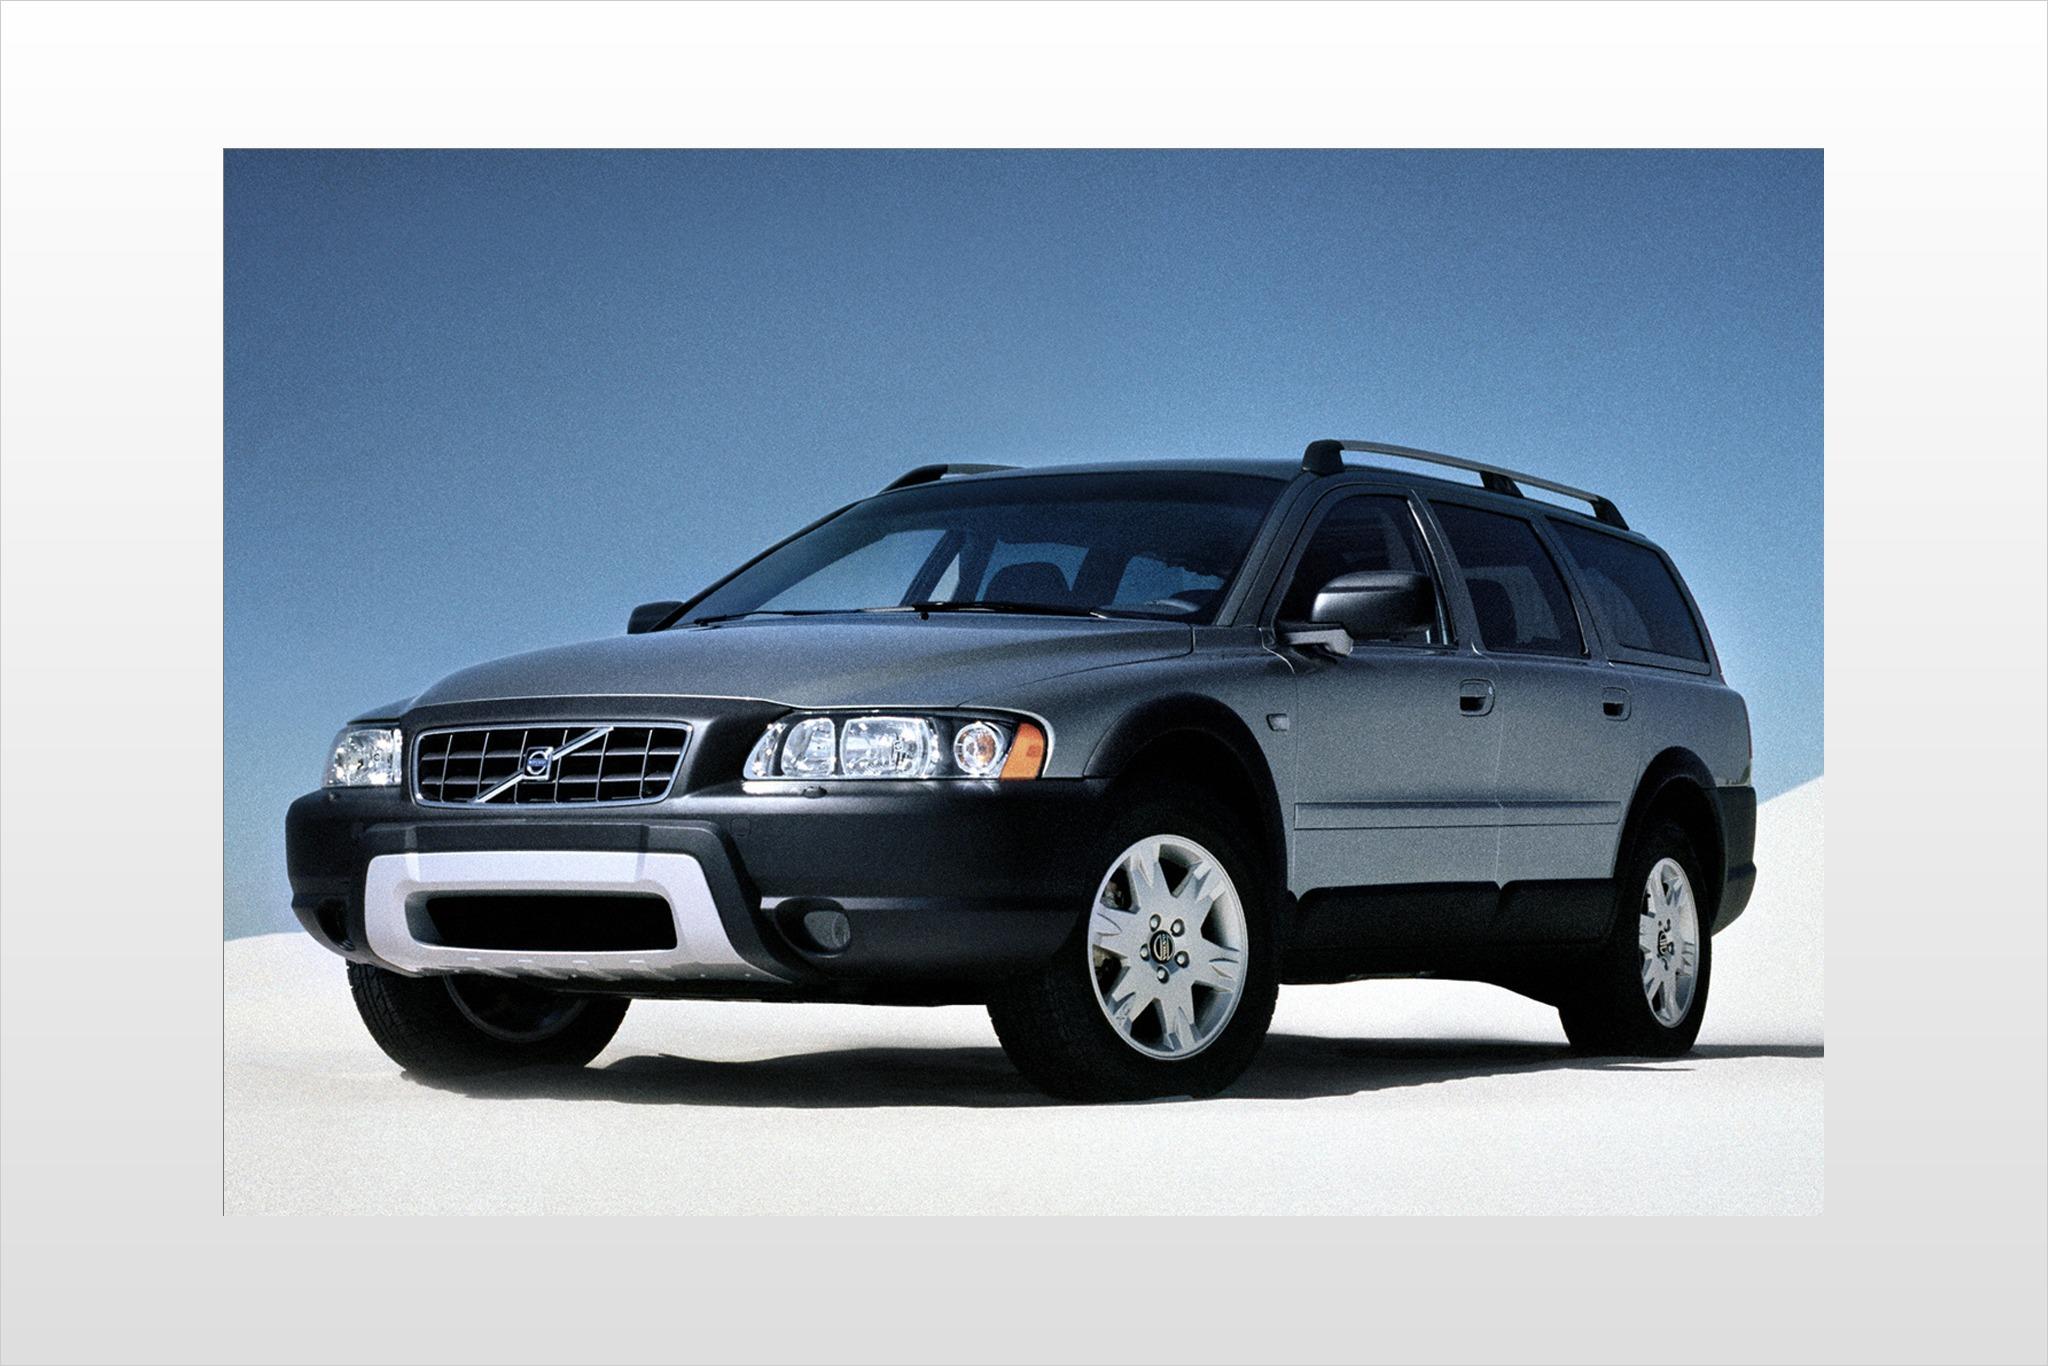 Volvo Xc >> 2007 VOLVO XC70 - Image #2